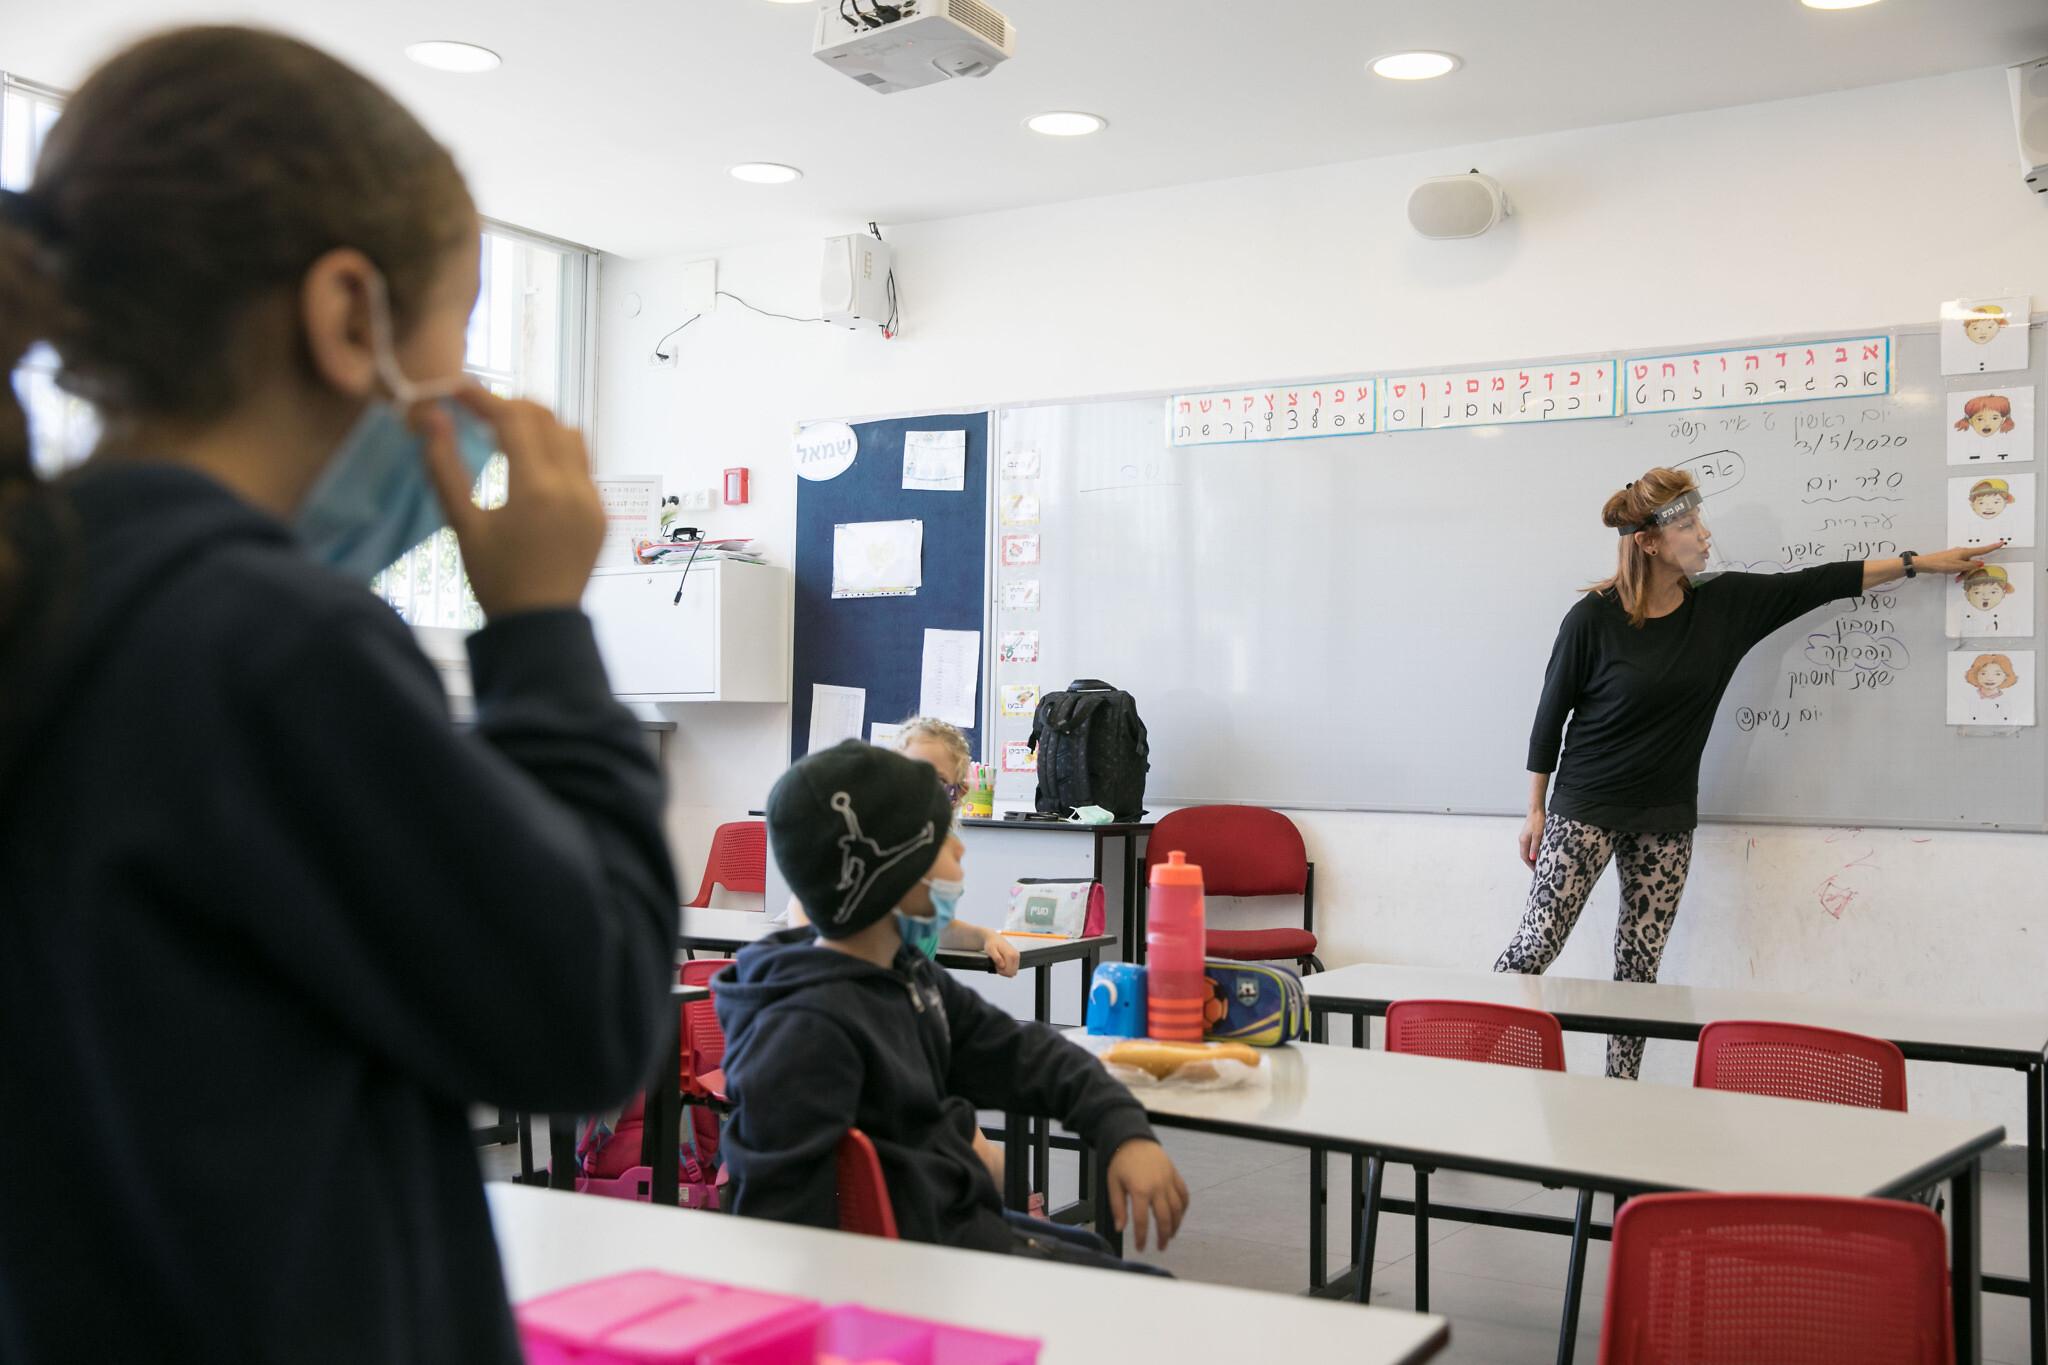 Szczepienia nauczycieli już w przyszłym tygodniu. Kiedy dzieci wrócą do szkół? - Zdjęcie główne